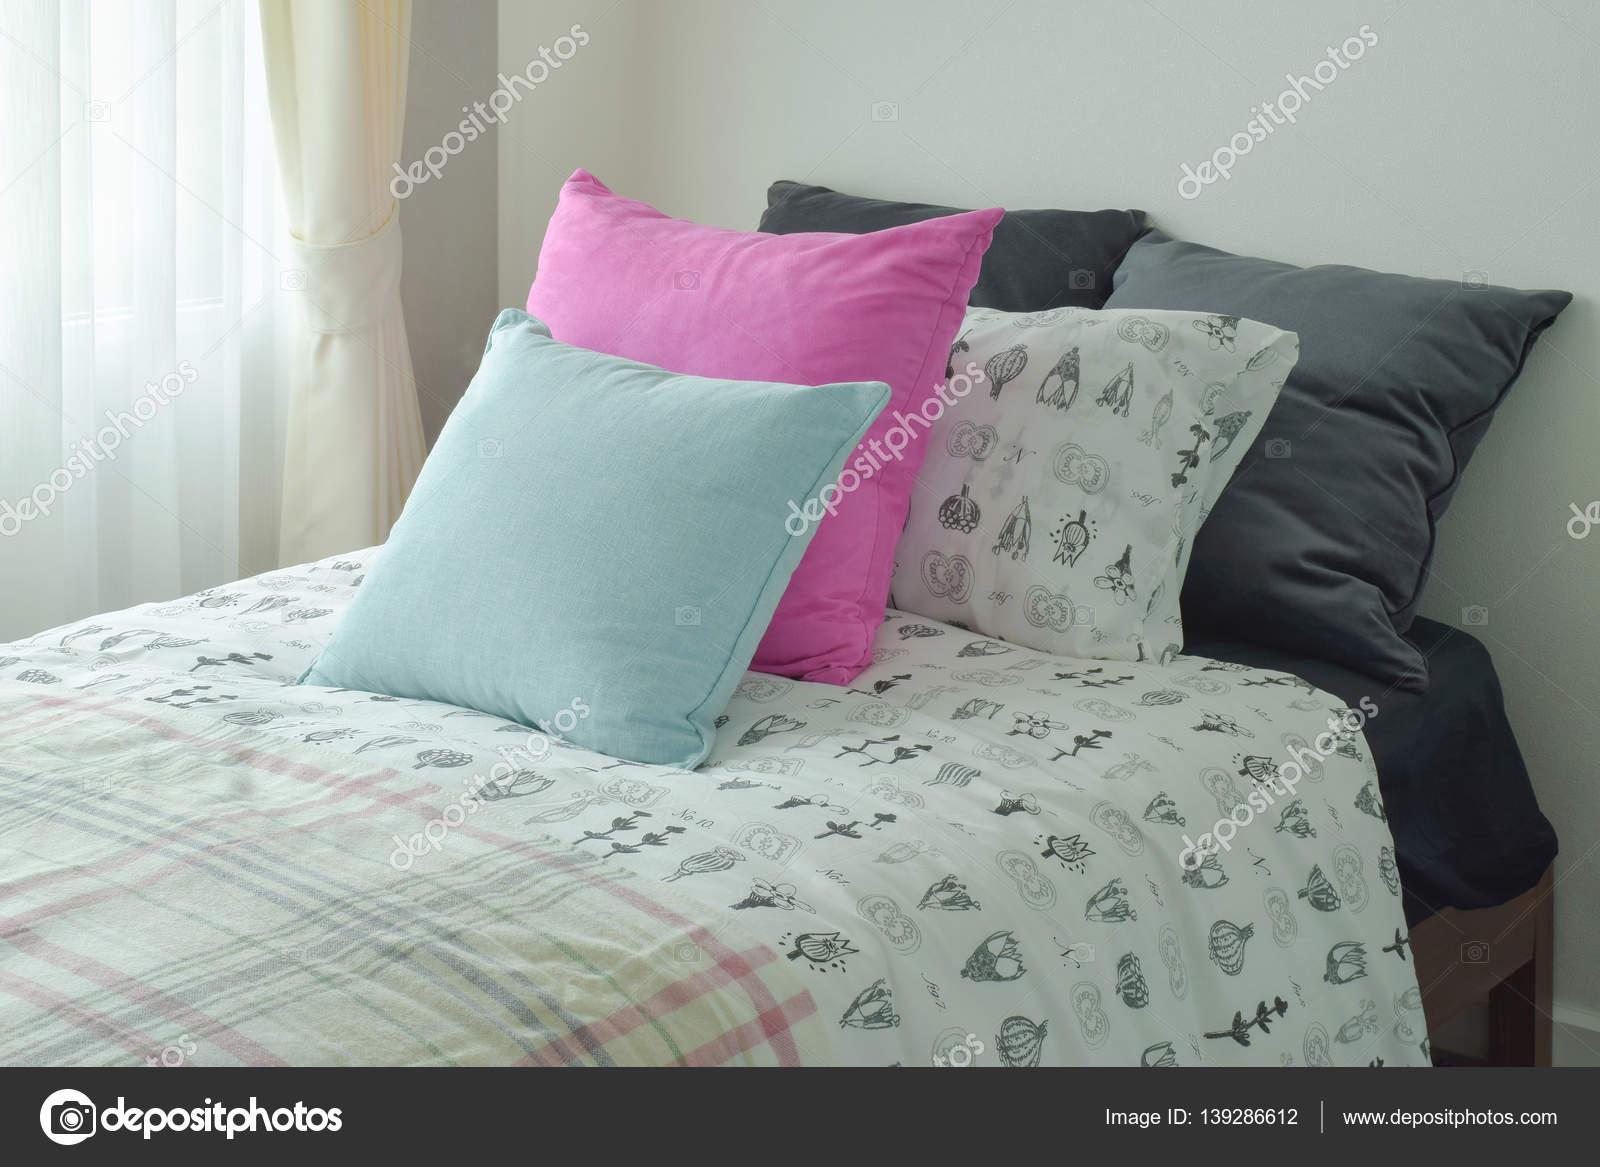 Luce blu e rosa cuscino dimensioni letto singolo u foto stock